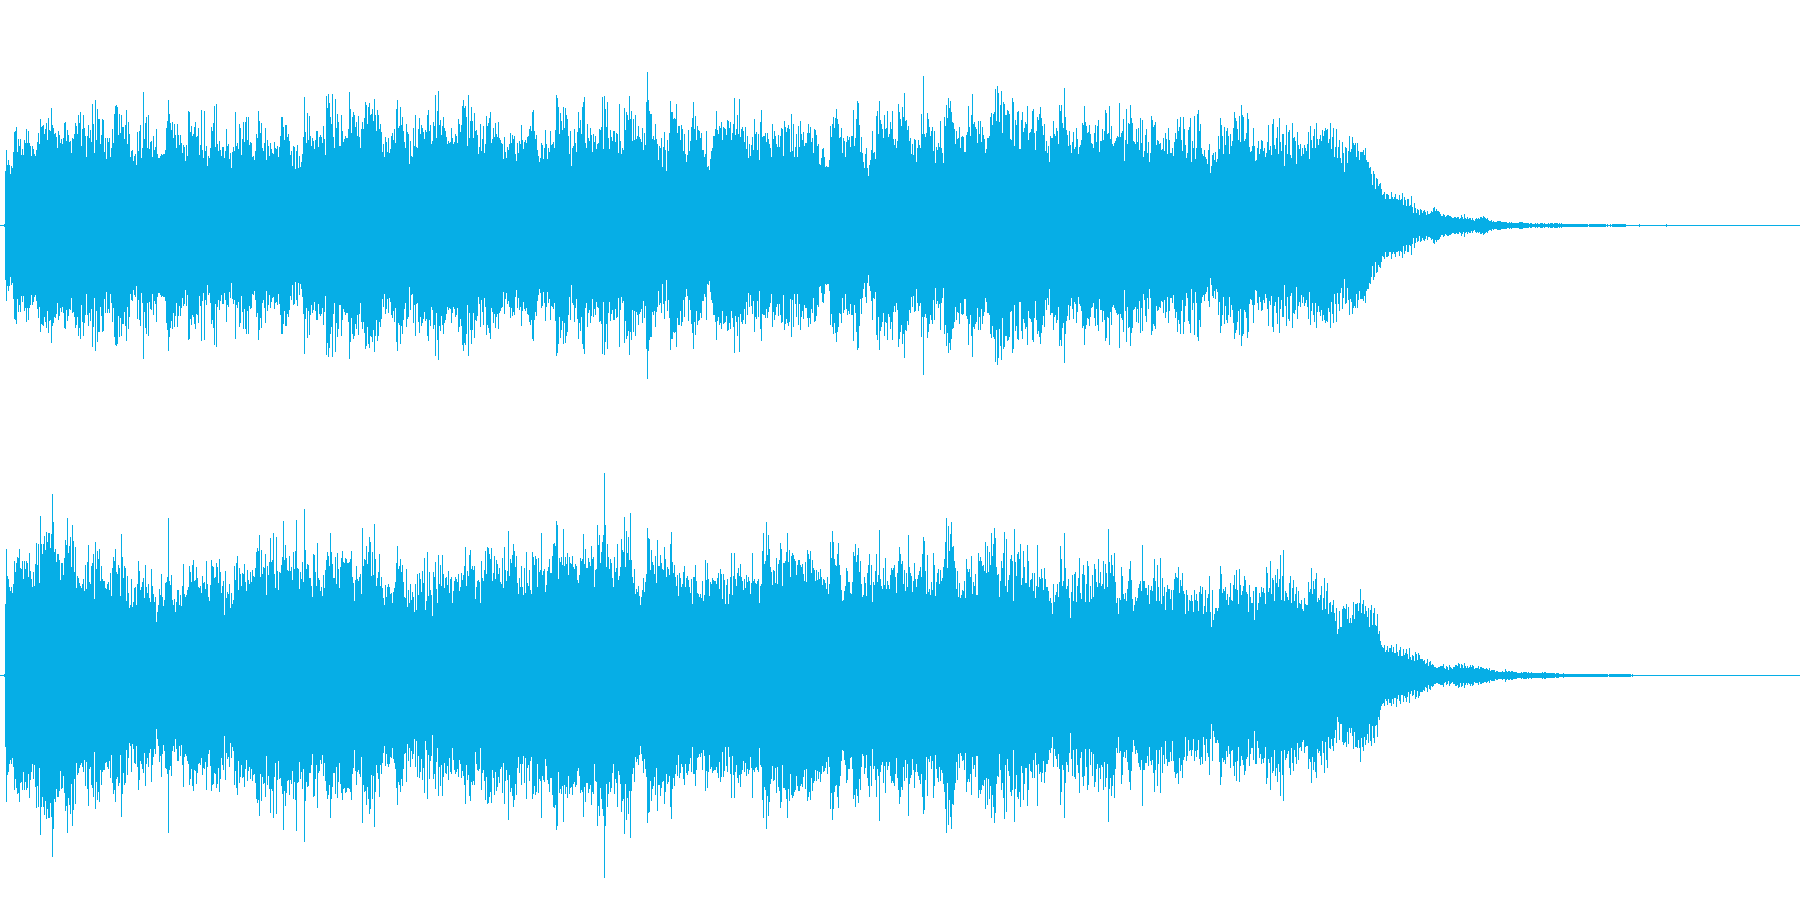 シンセのネオクラシカルなジングル 様式美の再生済みの波形